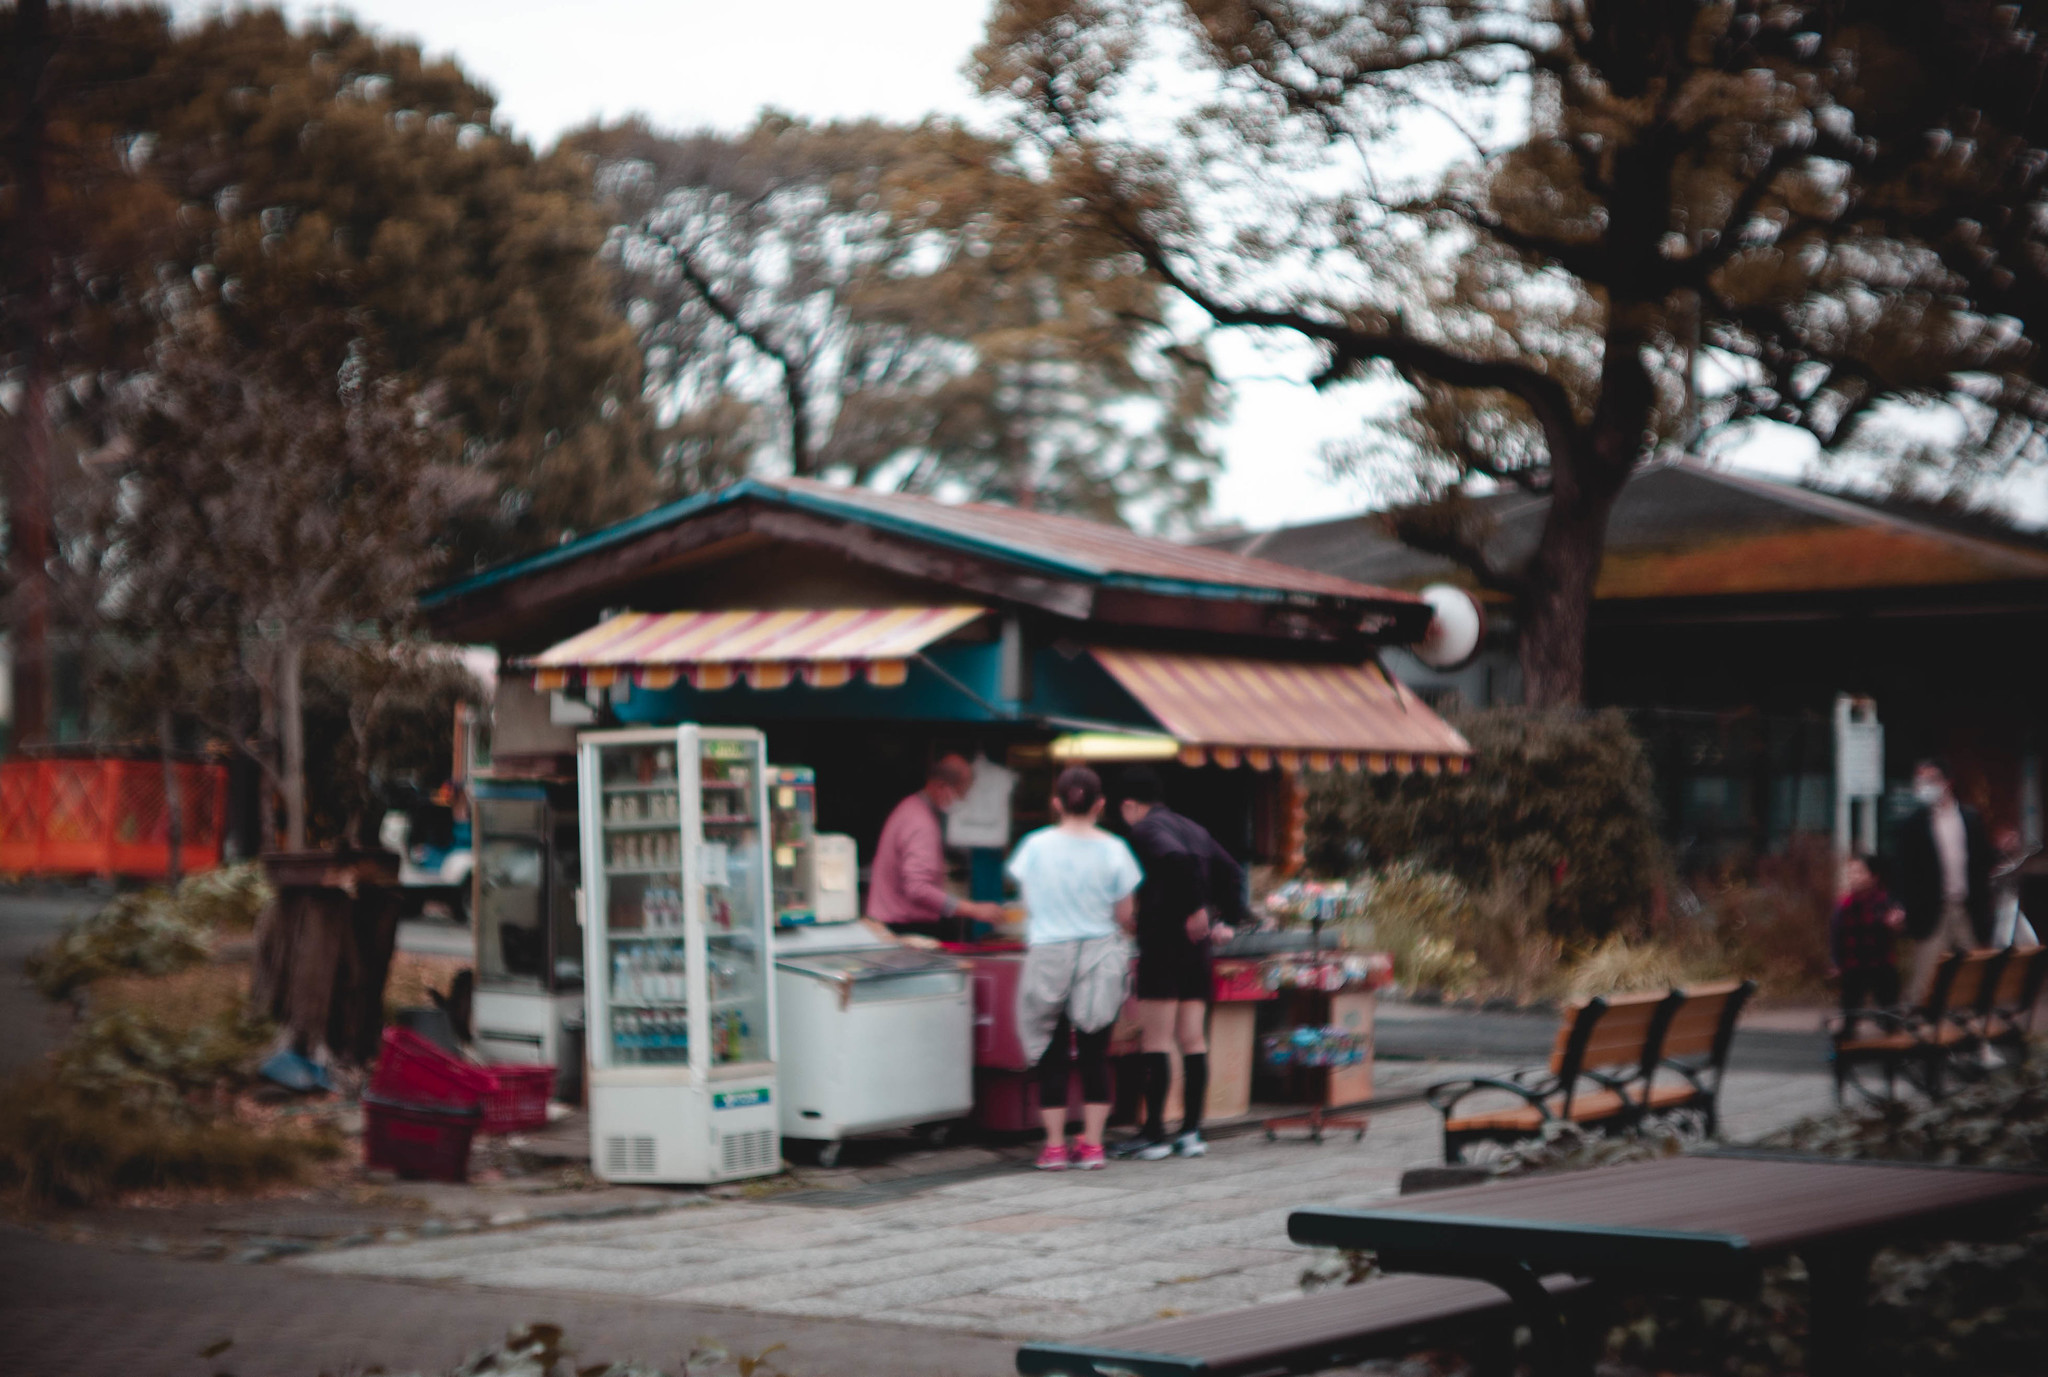 old kiosk